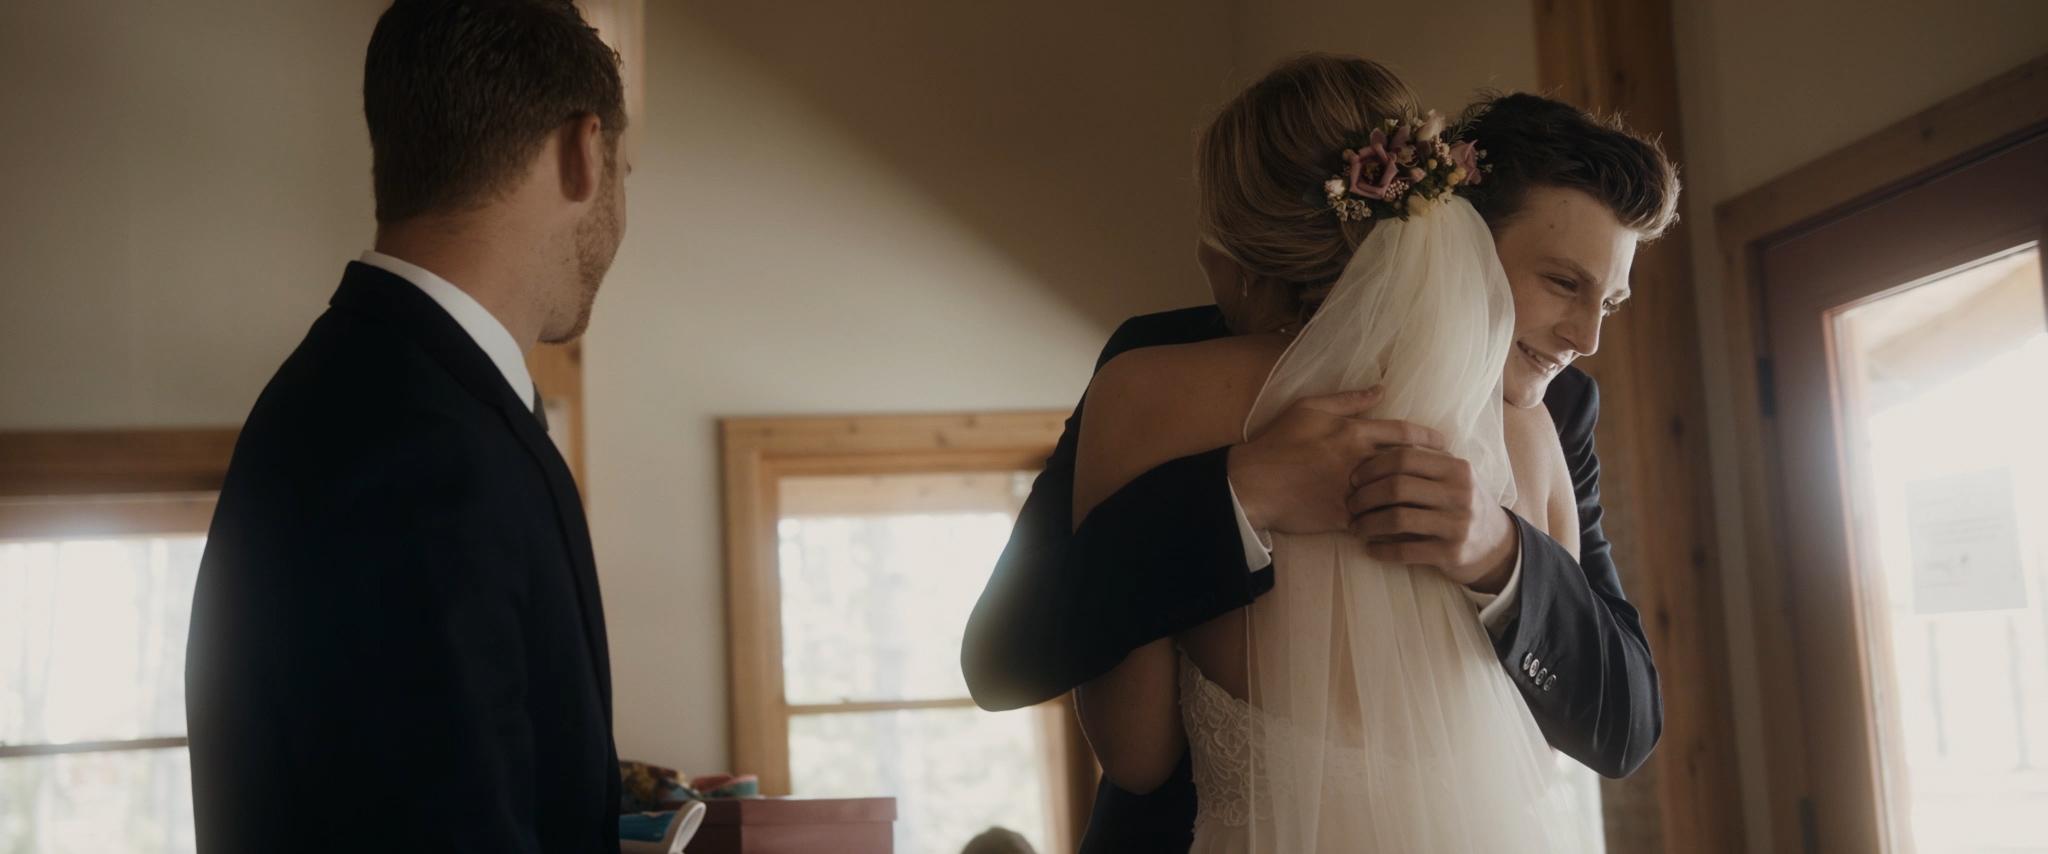 HAVENS_Wedding_Film.00_02_17_23.Still027.jpg